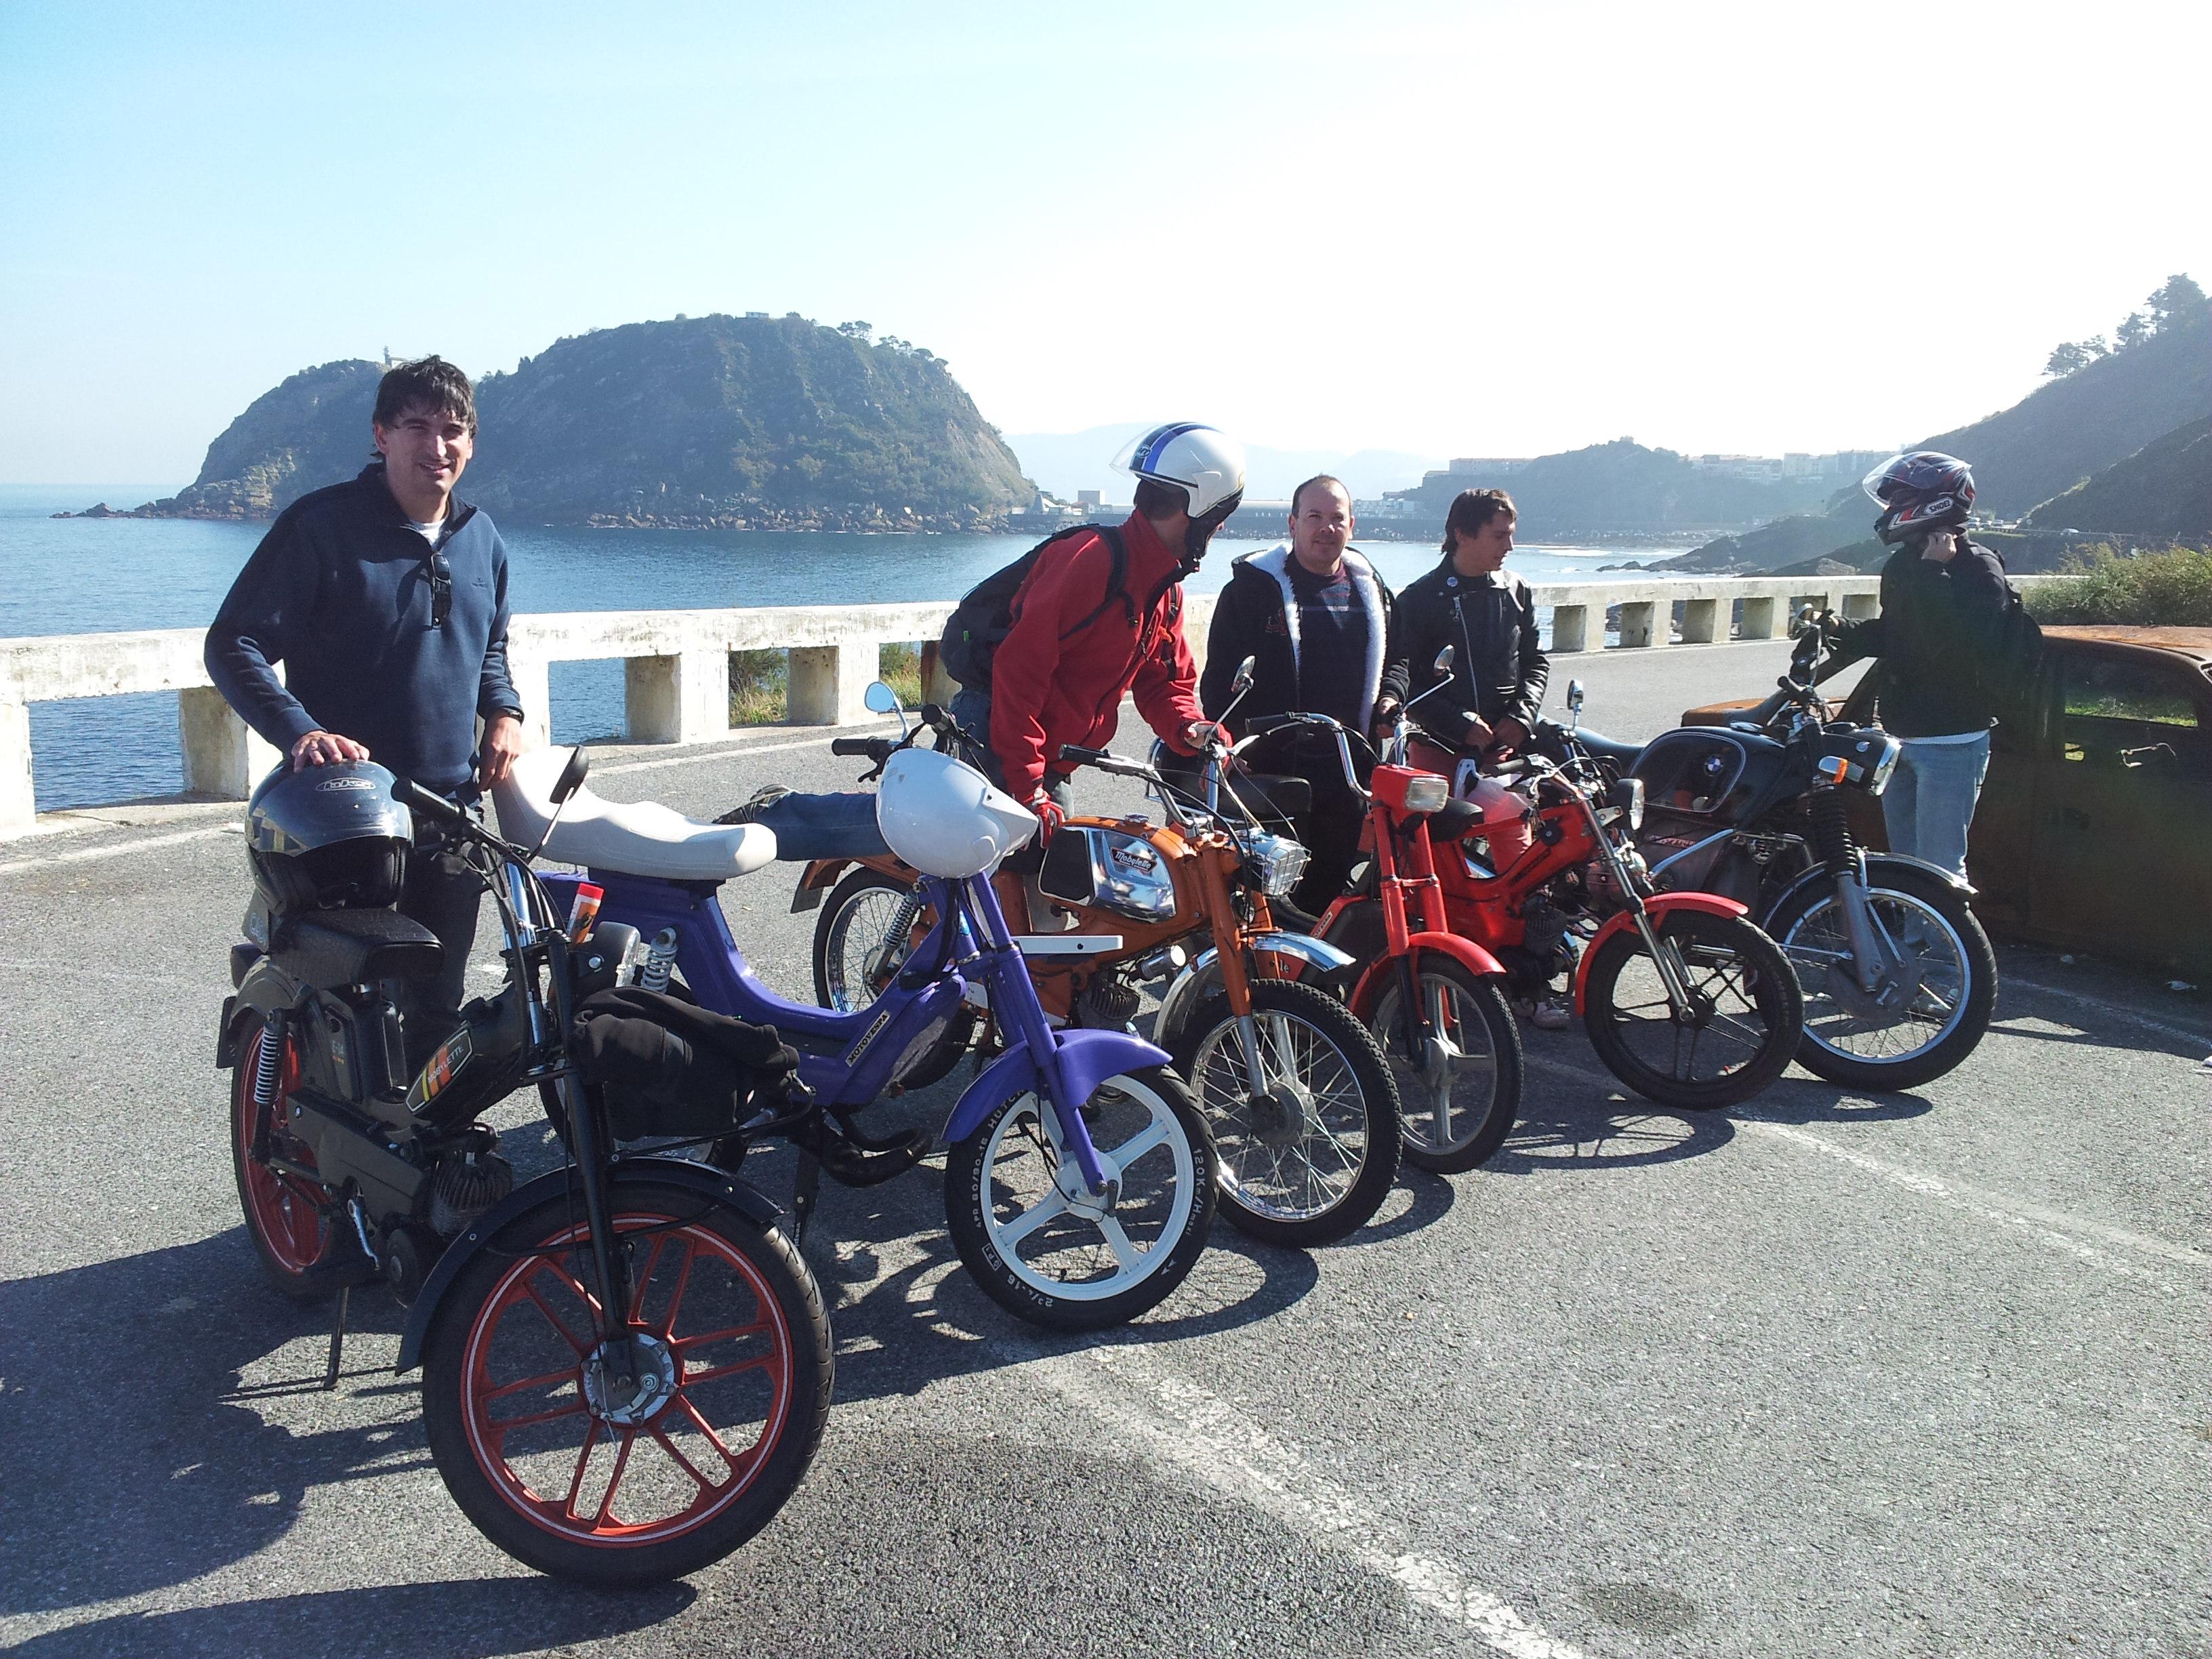 6º Salida Mobylettera desde San Sebastian (con fotos) - Página 2 20111015122429